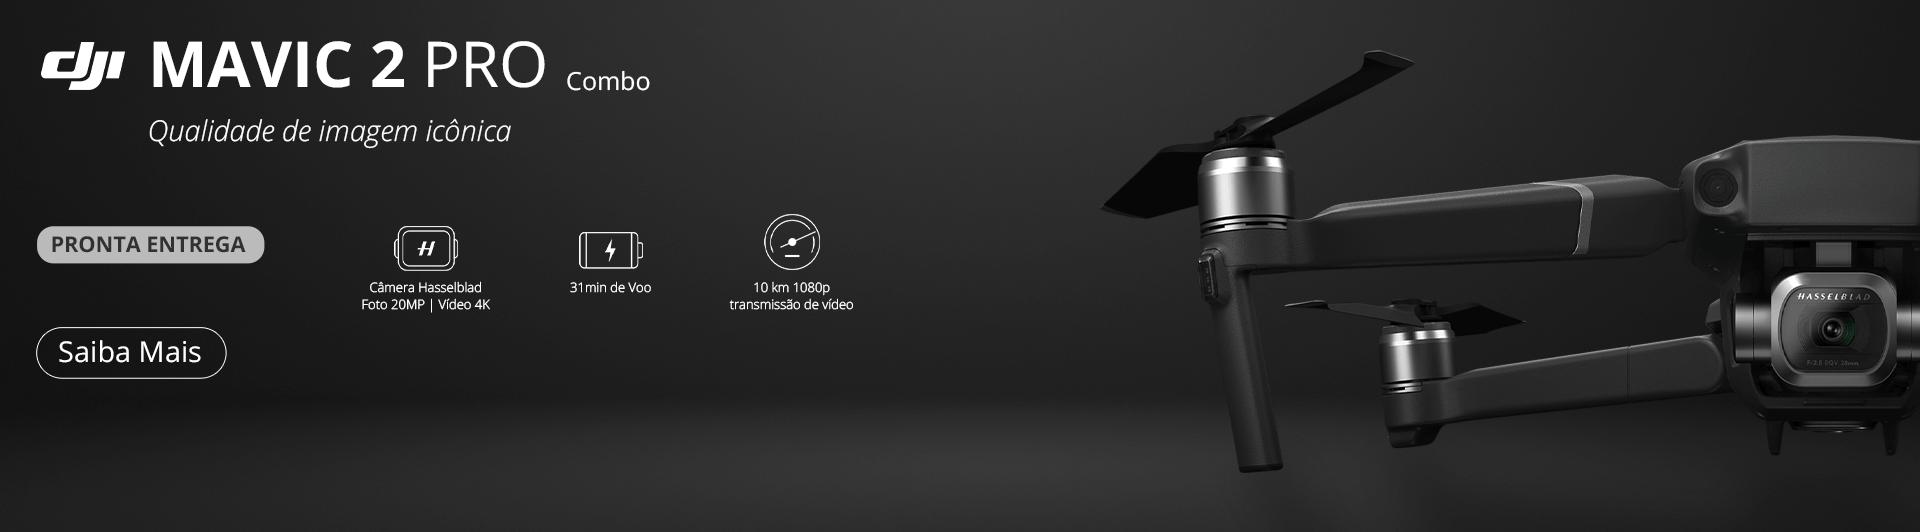 Mavic 2 Pro Combo Fly More Kit